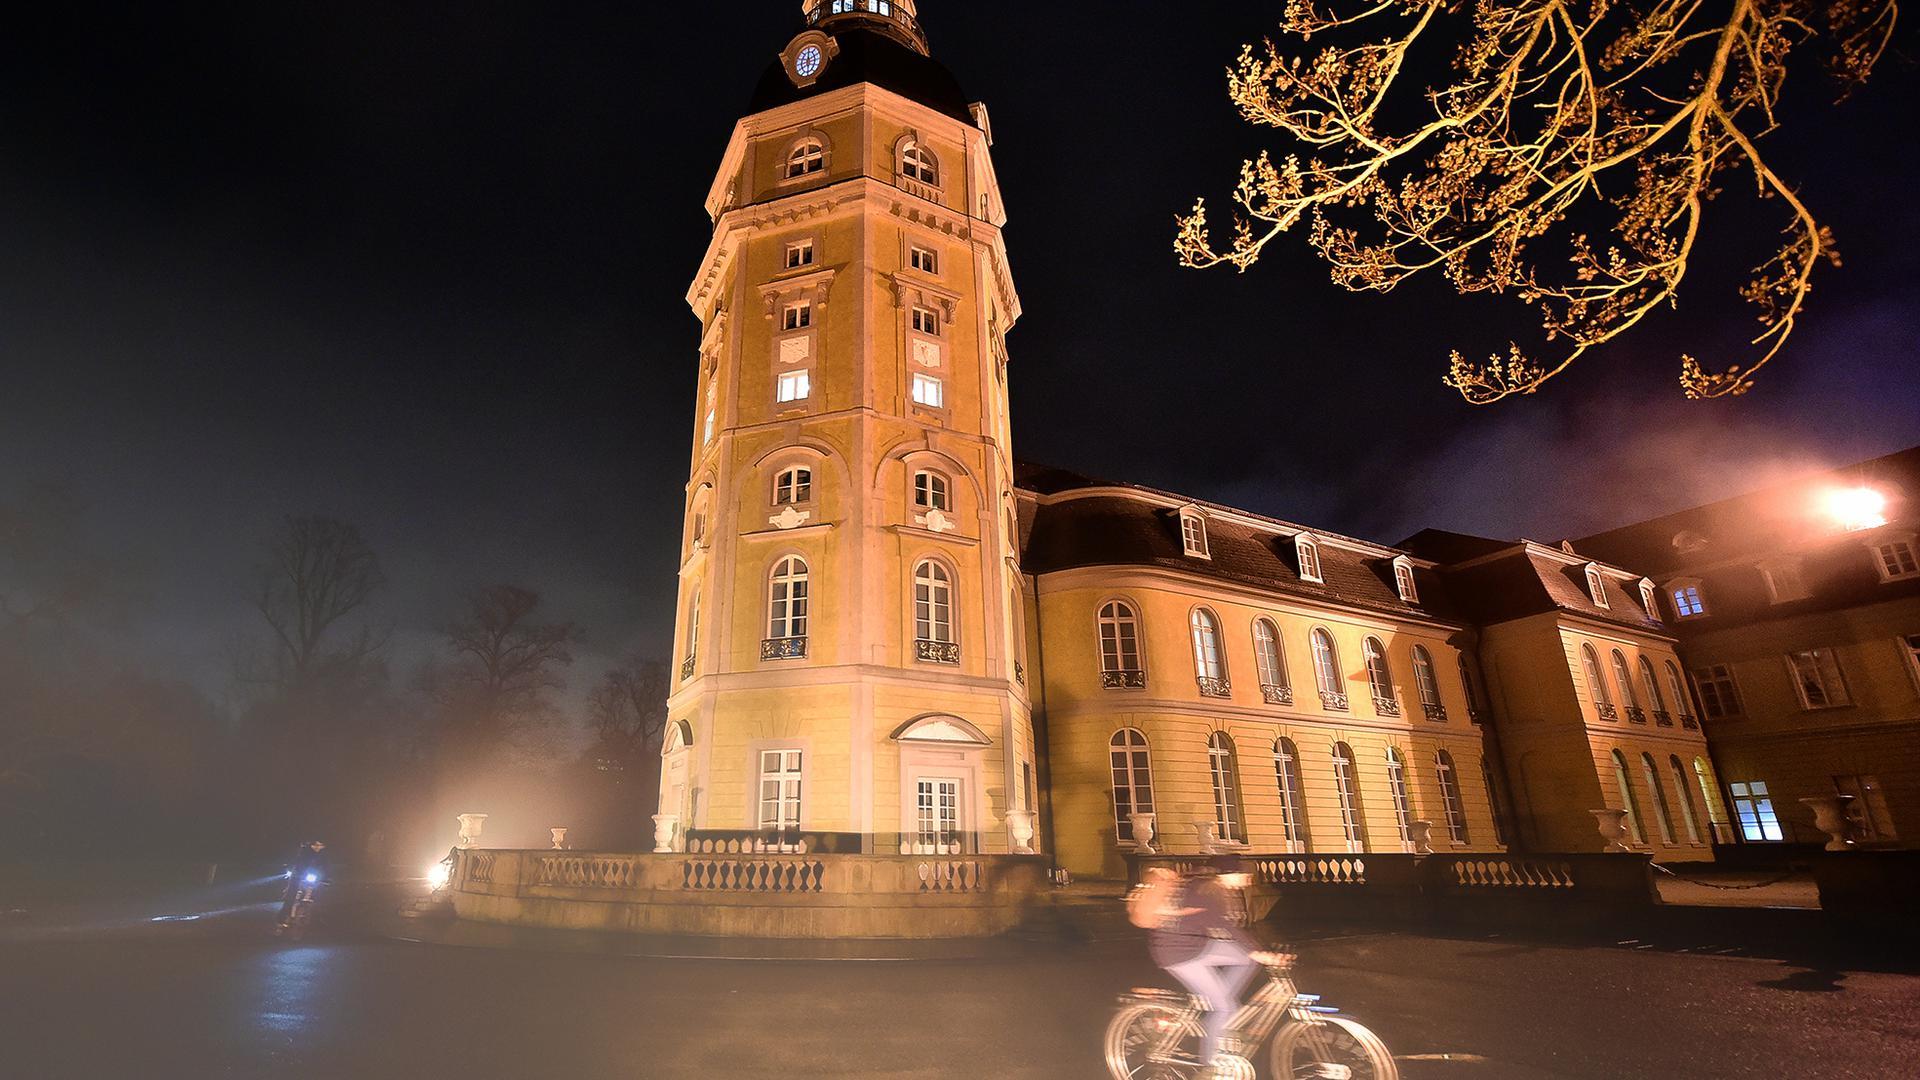 Ob bei Tag oder Nacht - Fotos rund um das Karlsruher Schloss sind immer schön.